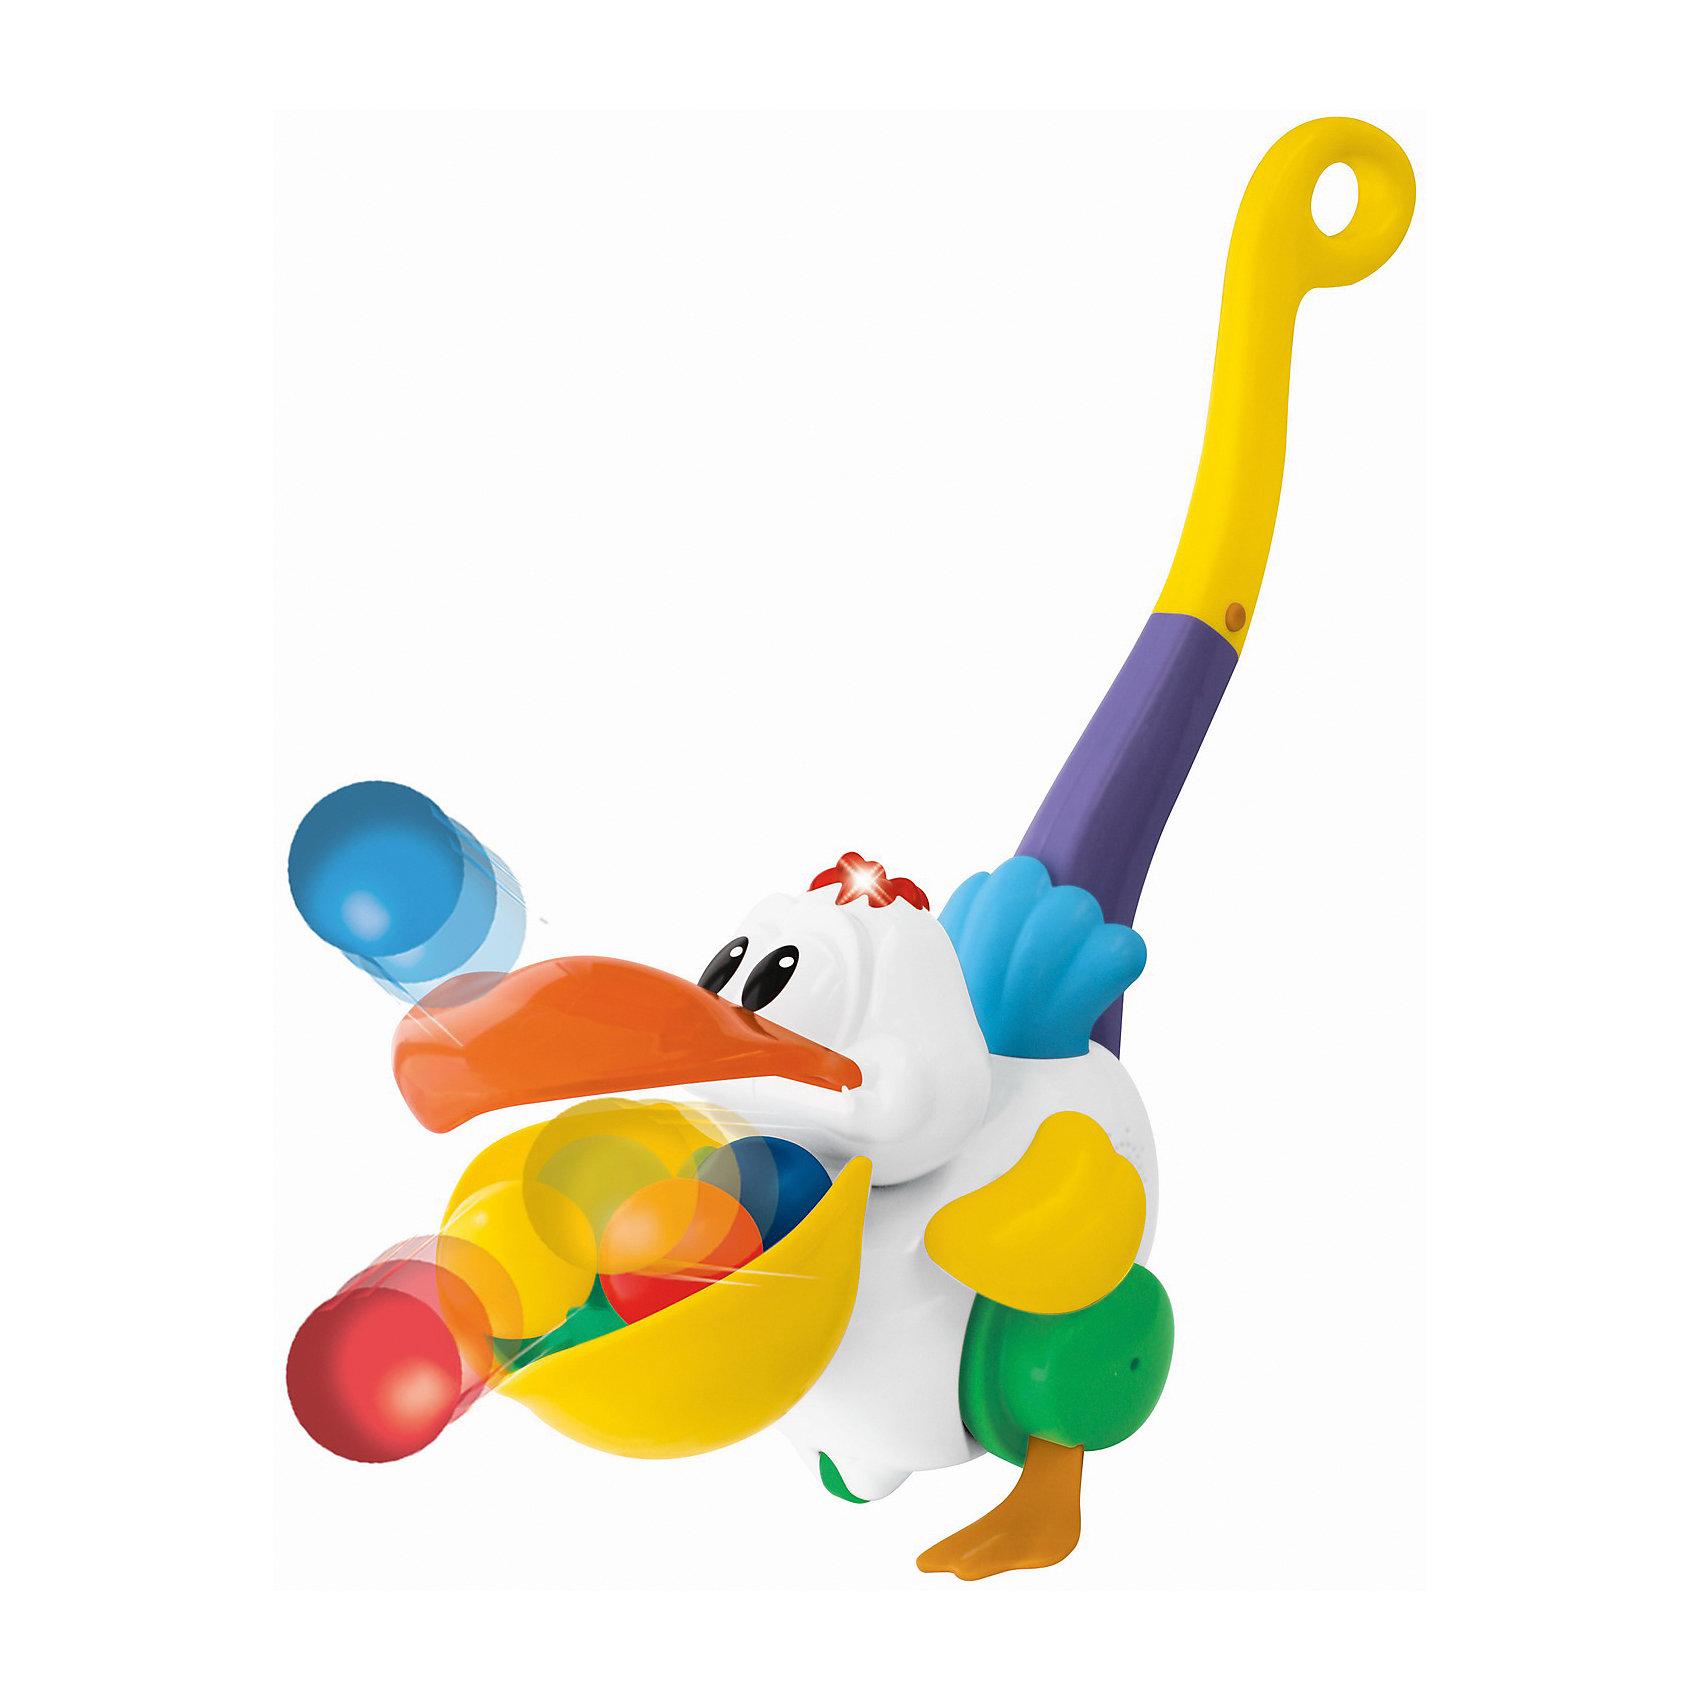 Игровая каталка с ручкой Пеликан-затейник, KiddielandИгрушки-каталки<br>Игровая каталка с ручкой Пеликан-затейник, Kiddieland<br><br>Характеристики:<br>- В набор входит: каталка, элементы питания<br>- Материал: пластик<br>- Элементы питания: батарейки АА, 2 шт.<br>- Размер упаковки: 17 * 25 * 11 см.<br>Каталка Пеликан-затейник произведена известным китайским брендом производства игрушек Kiddieland (Киддилэнд) и станет малышу прекрасным подарком. Цветную каталку с красочной ручкой, закрученной в колечко очень удобно катать. Веселый пеликан машет крыльями во время движения, а цветные шарики выпрыгивают из его клюва. С такой каталкой ходить и бегать вдвойне веселее, также ее можно взять с собой и во двор на прогулку. Изготовленная из качественного пластика, разноцветная каталка поможет крохе развить координацию движения, восприятие звука и цвета, моторику рук, воображение.<br>Игровую каталку с ручкой Пеликан-затейник, Kiddieland (Киддилэнд) можно купить в нашем интернет-магазине.<br>Подробнее:<br>• Для детей в возрасте: от 1,5 до 2 лет<br>• Номер товара: 5054081<br>Страна производитель: Китай<br><br>Ширина мм: 270<br>Глубина мм: 210<br>Высота мм: 210<br>Вес г: 600<br>Возраст от месяцев: 12<br>Возраст до месяцев: 36<br>Пол: Унисекс<br>Возраст: Детский<br>SKU: 5054081